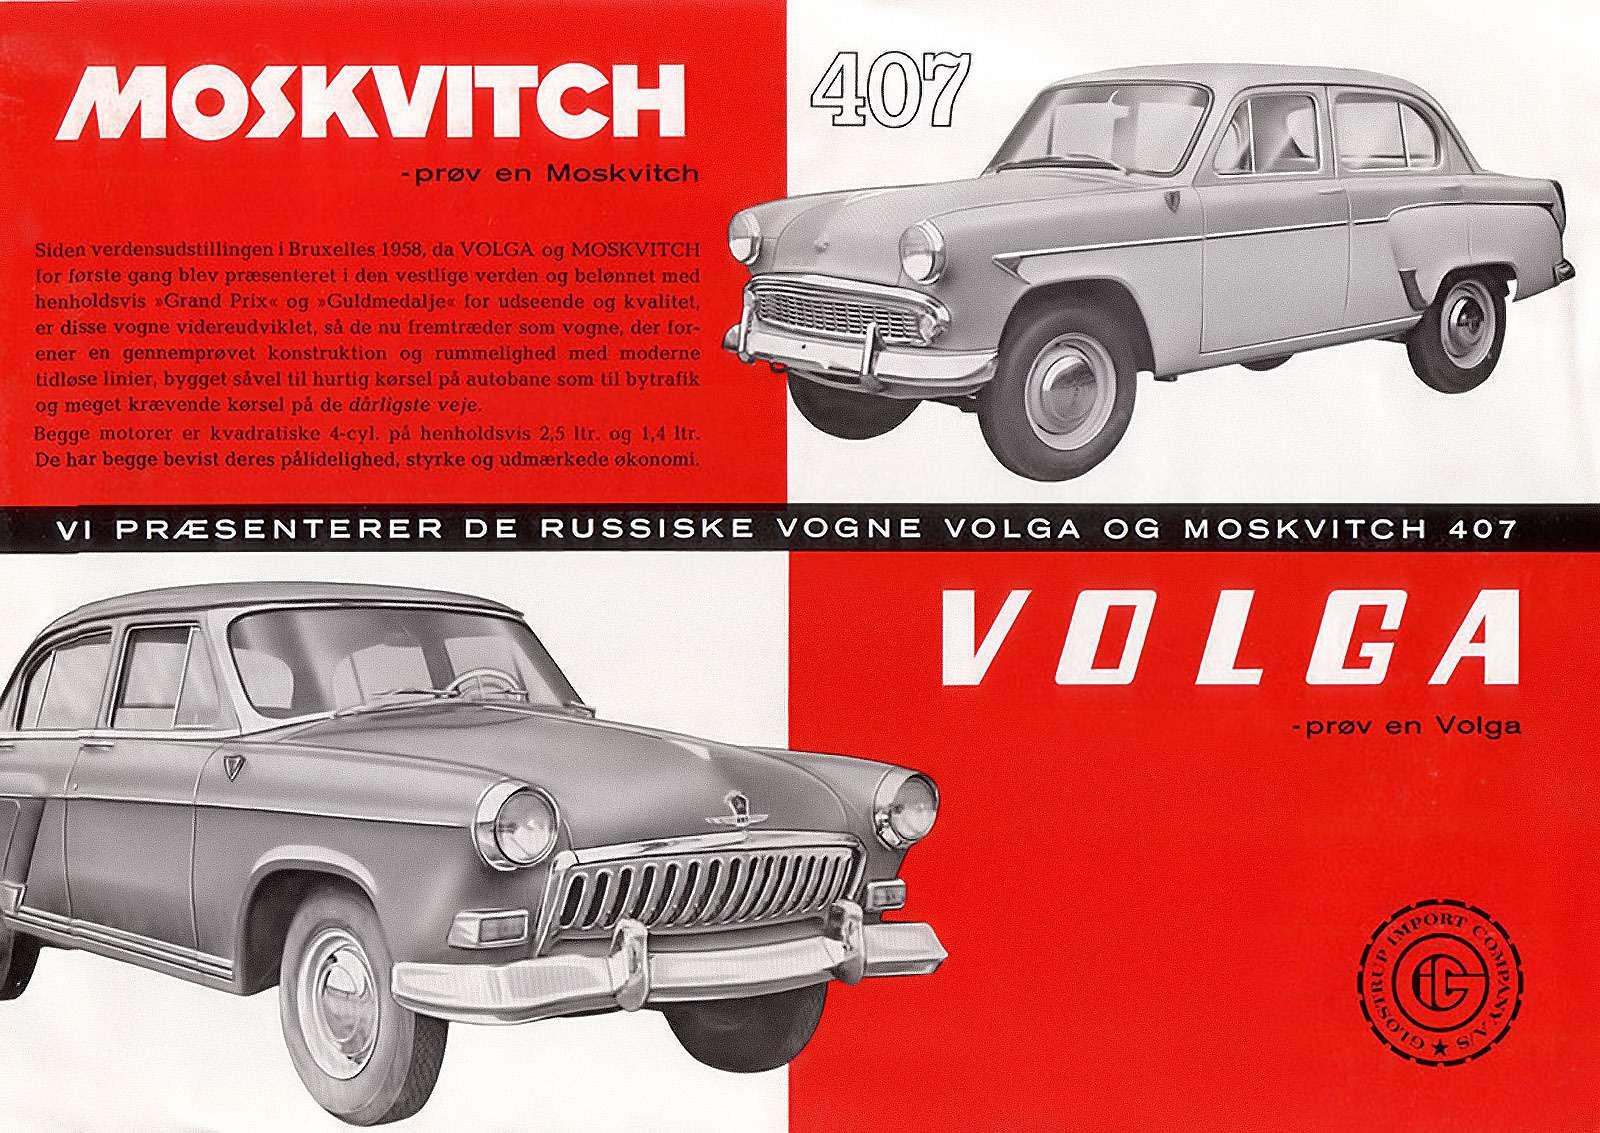 Moskvitch иVolga